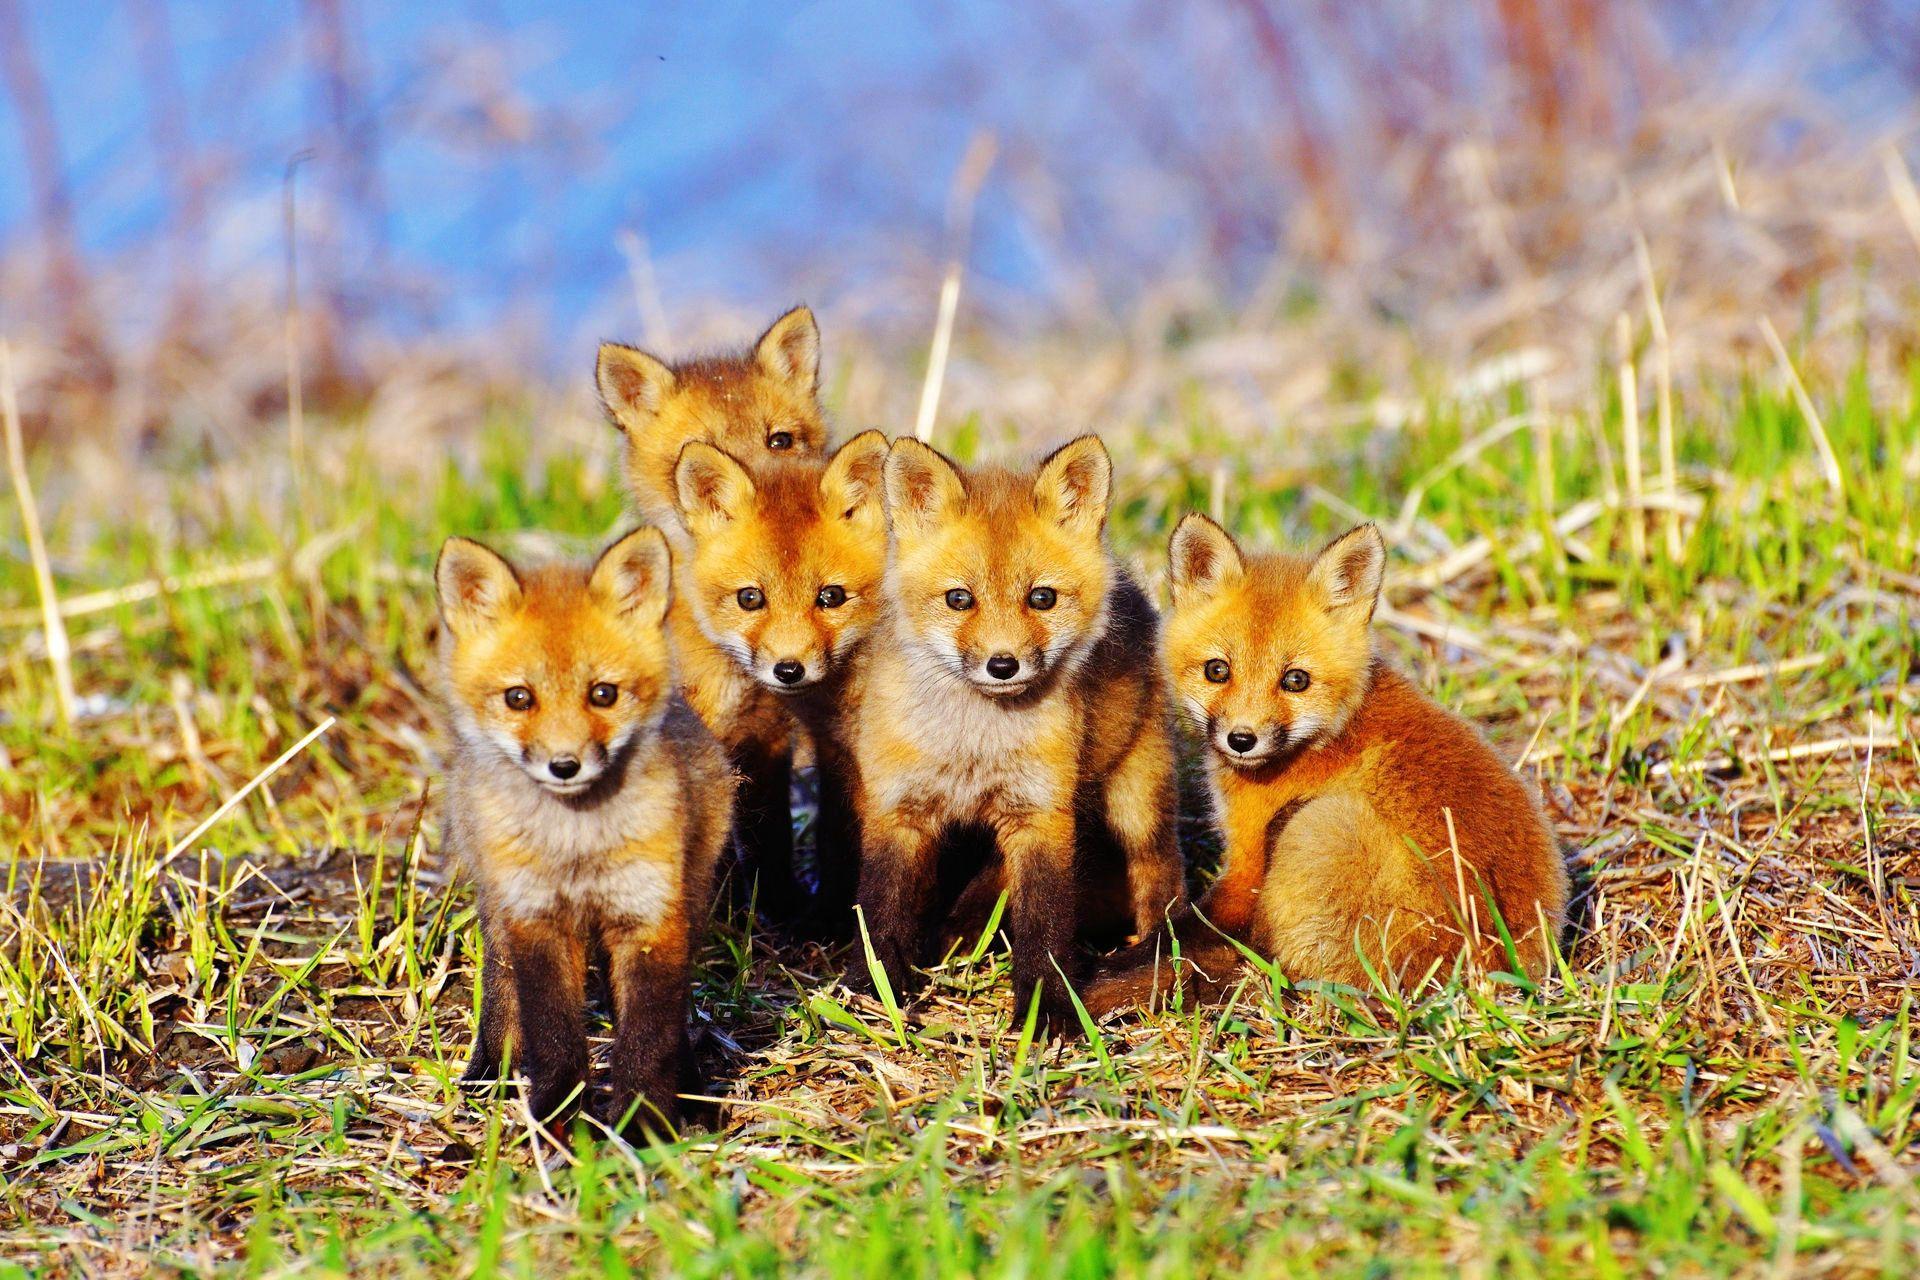 Фото картинки животных для детей